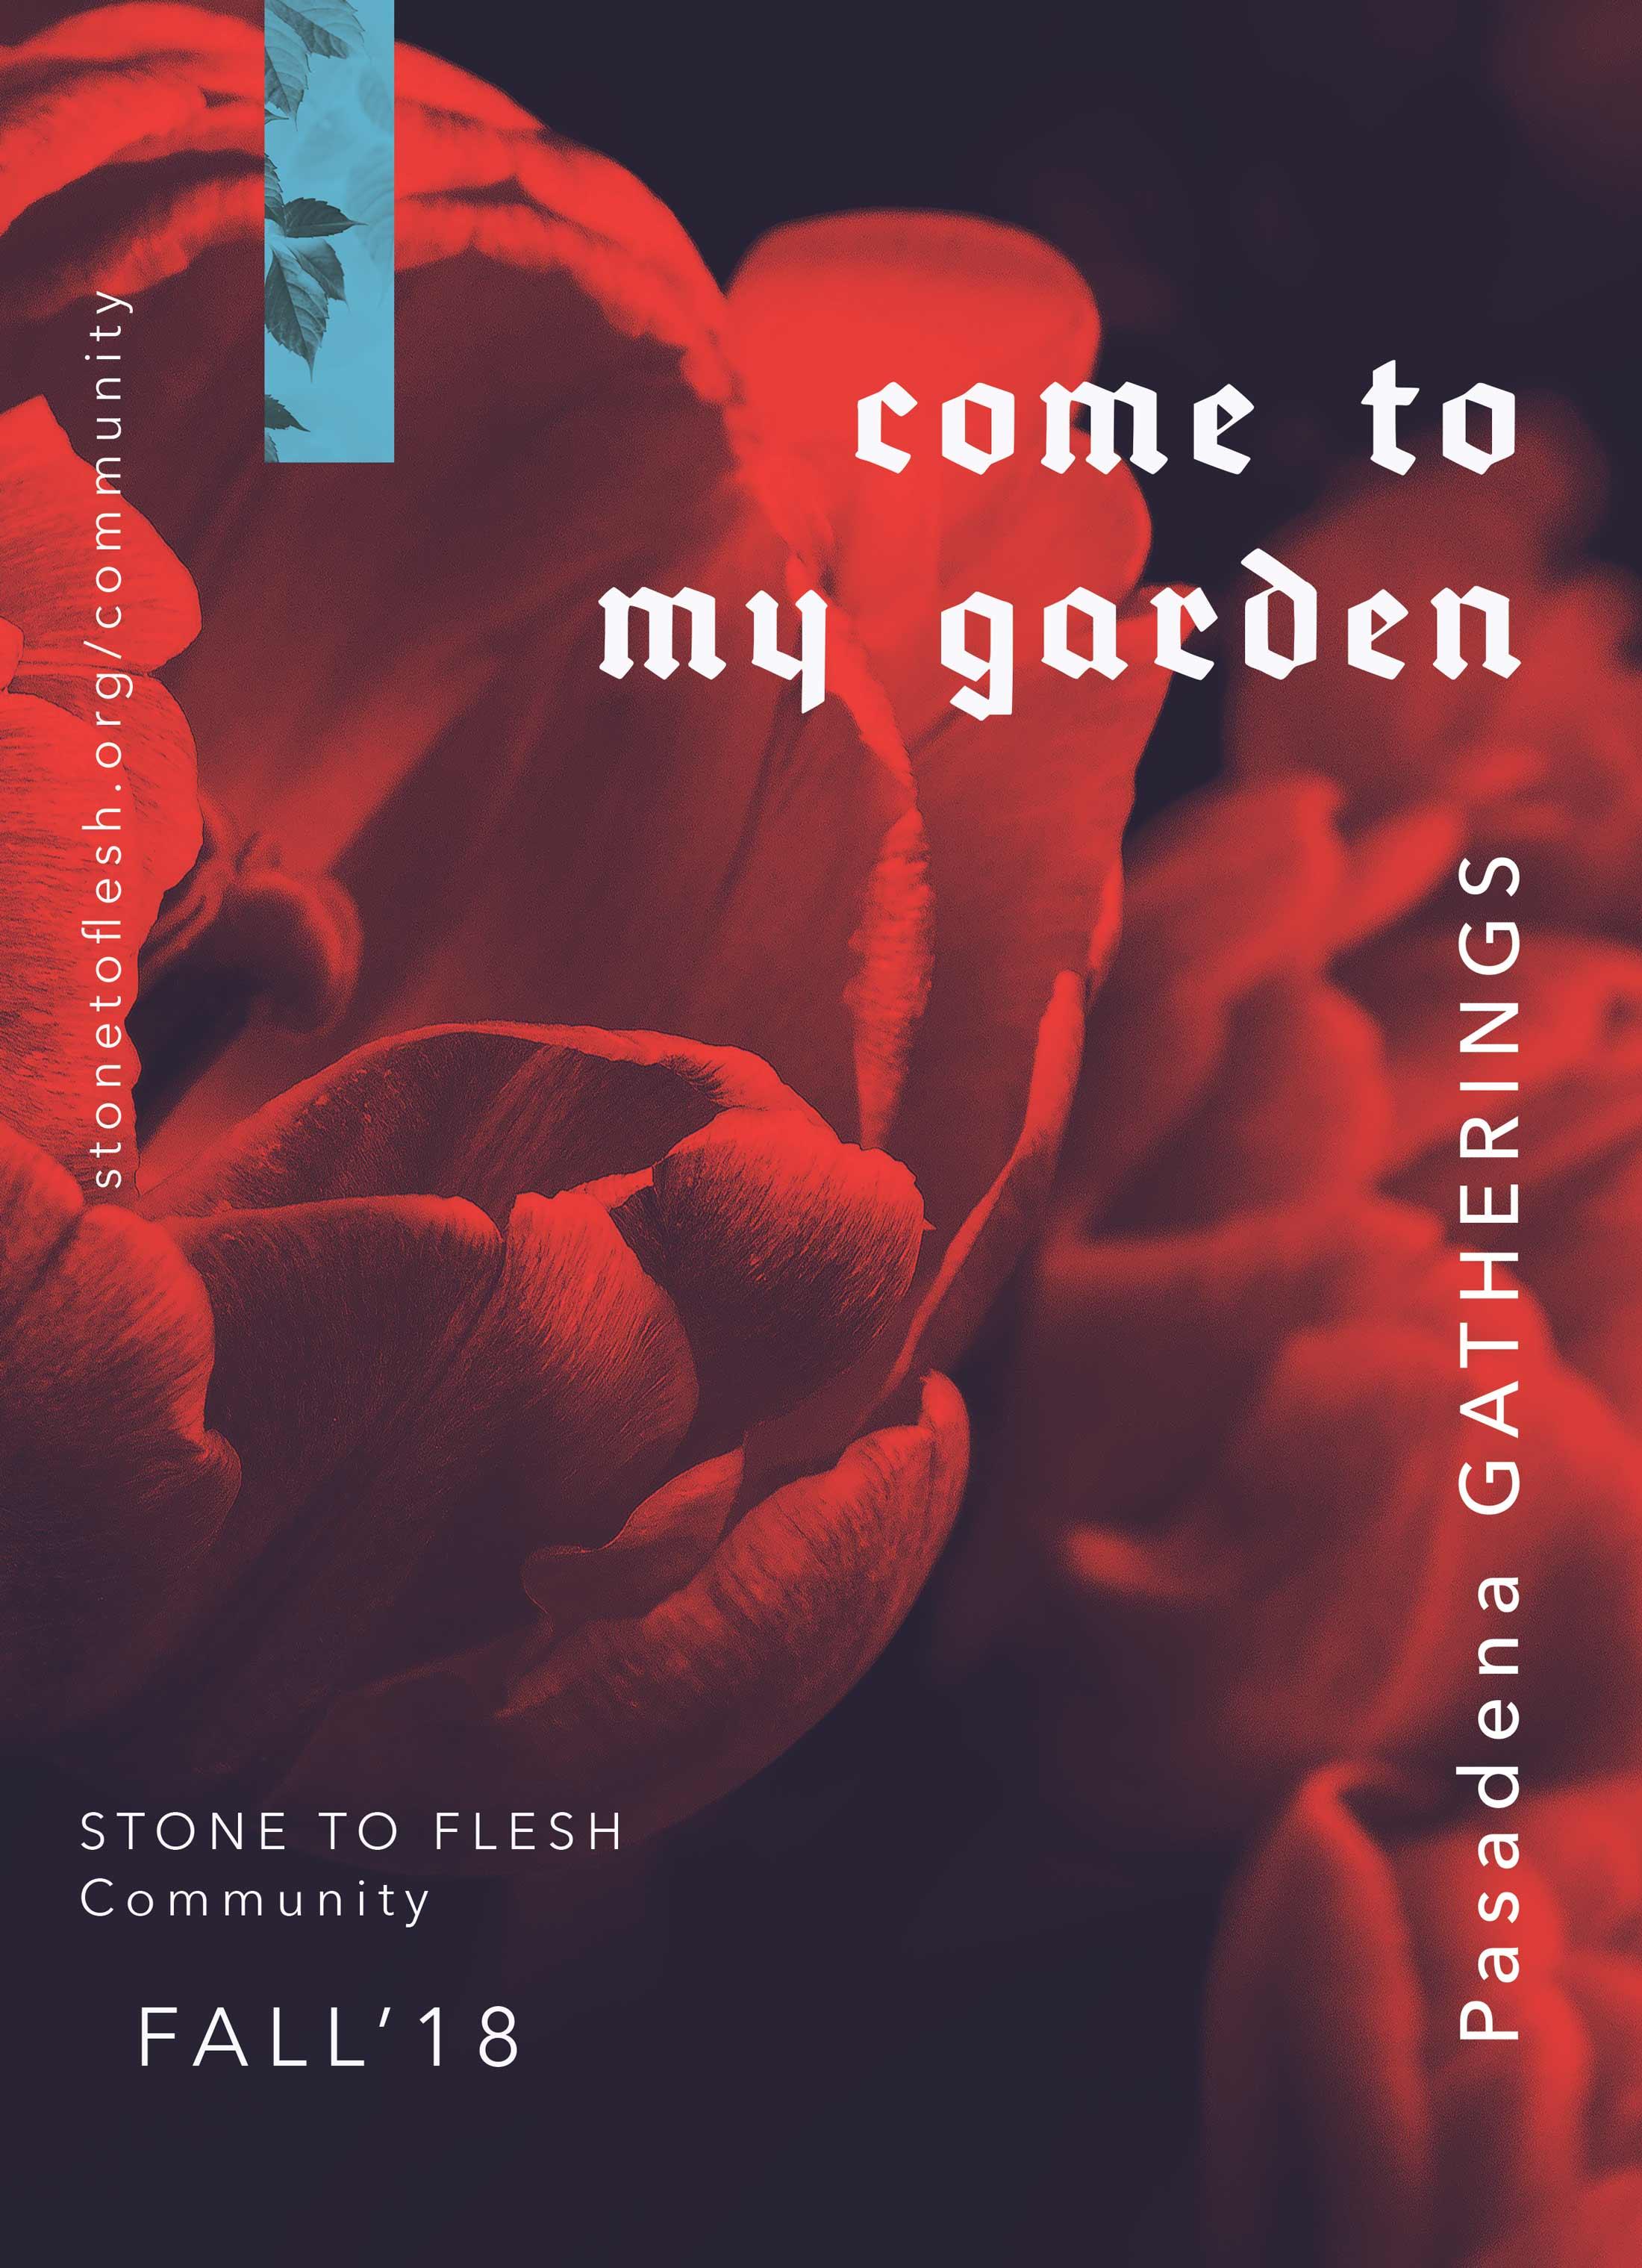 SOS-7-COme-to-my-garden.jpg